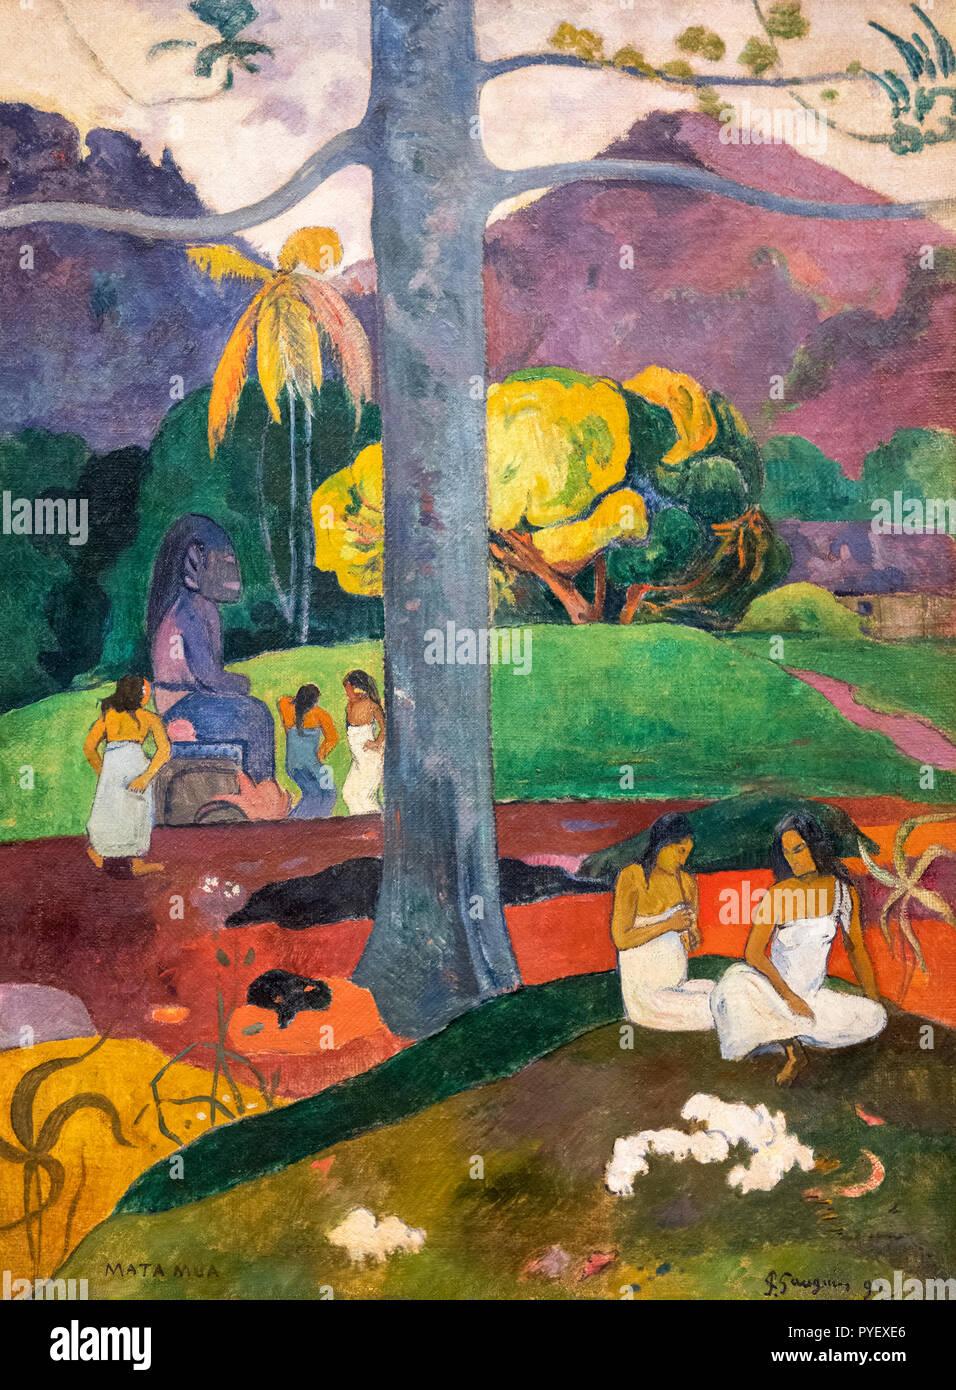 Mata Mua (Anticamente) da Paul Gauguin (1848-1903), olio su tela, 1892 Immagini Stock